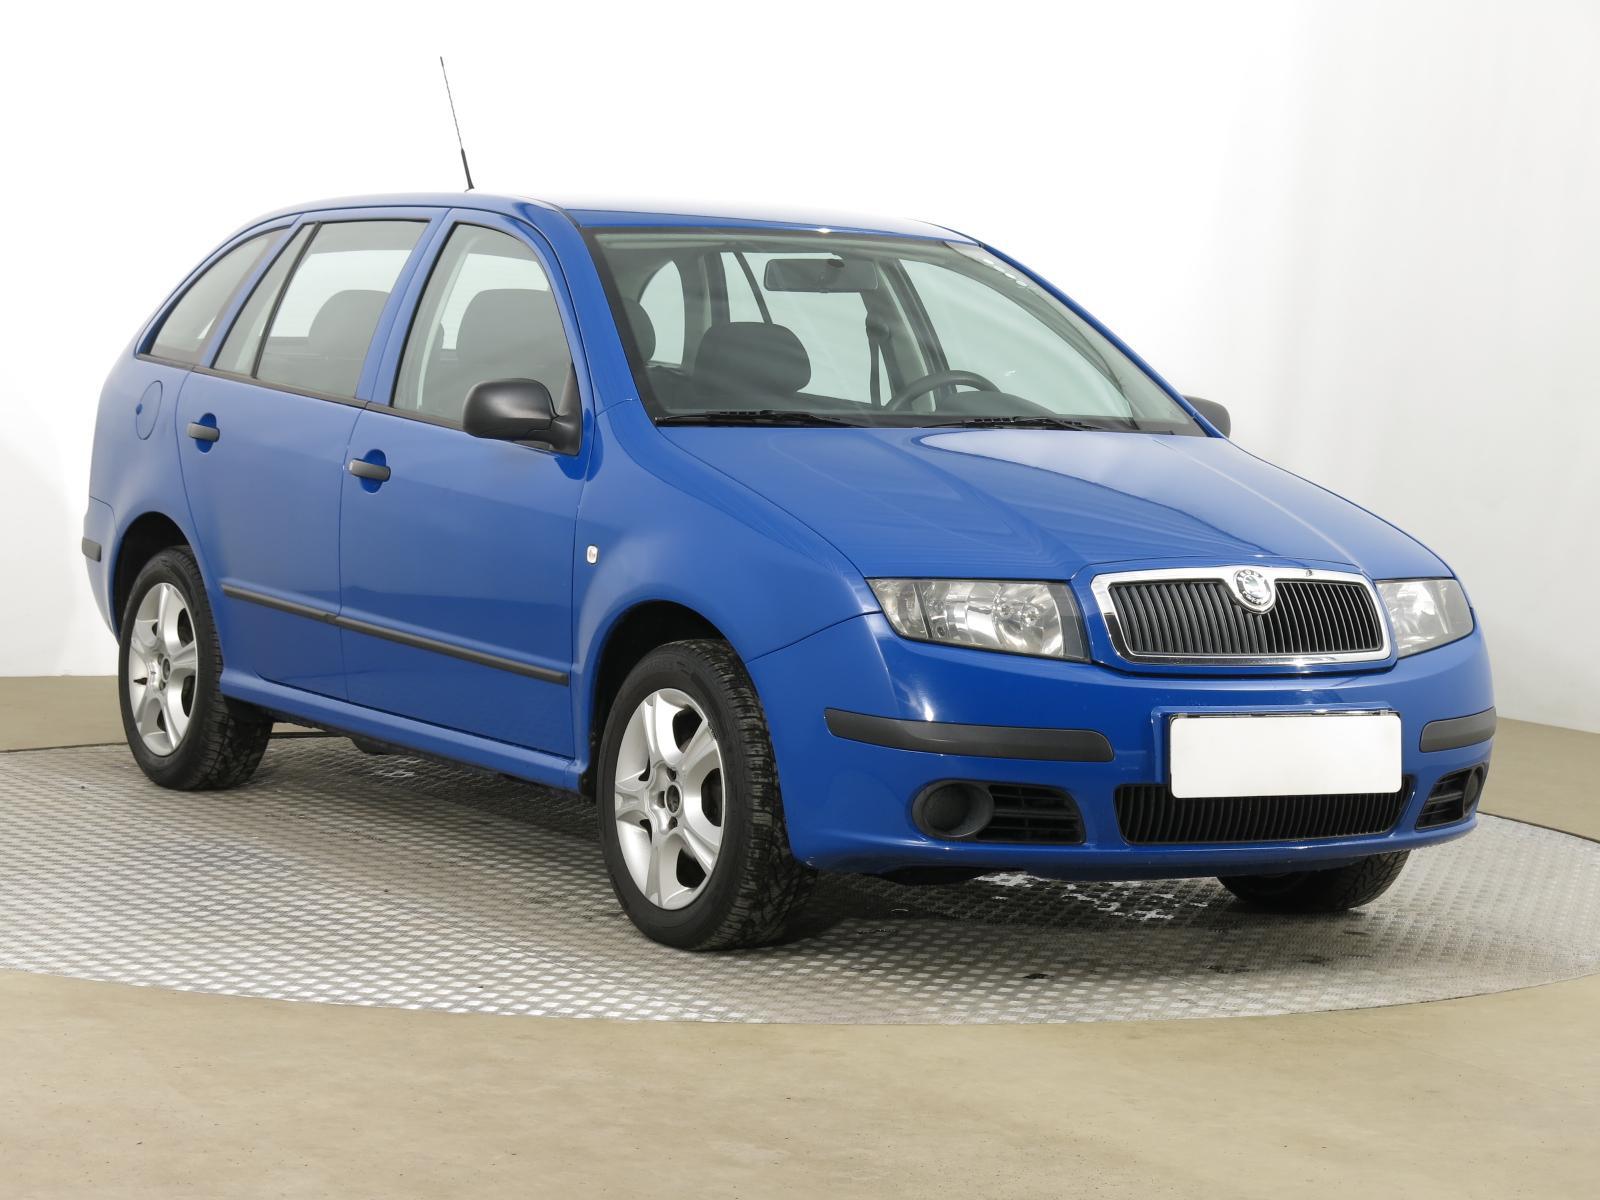 Škoda Fabia 1.2 40kW kombi benzin